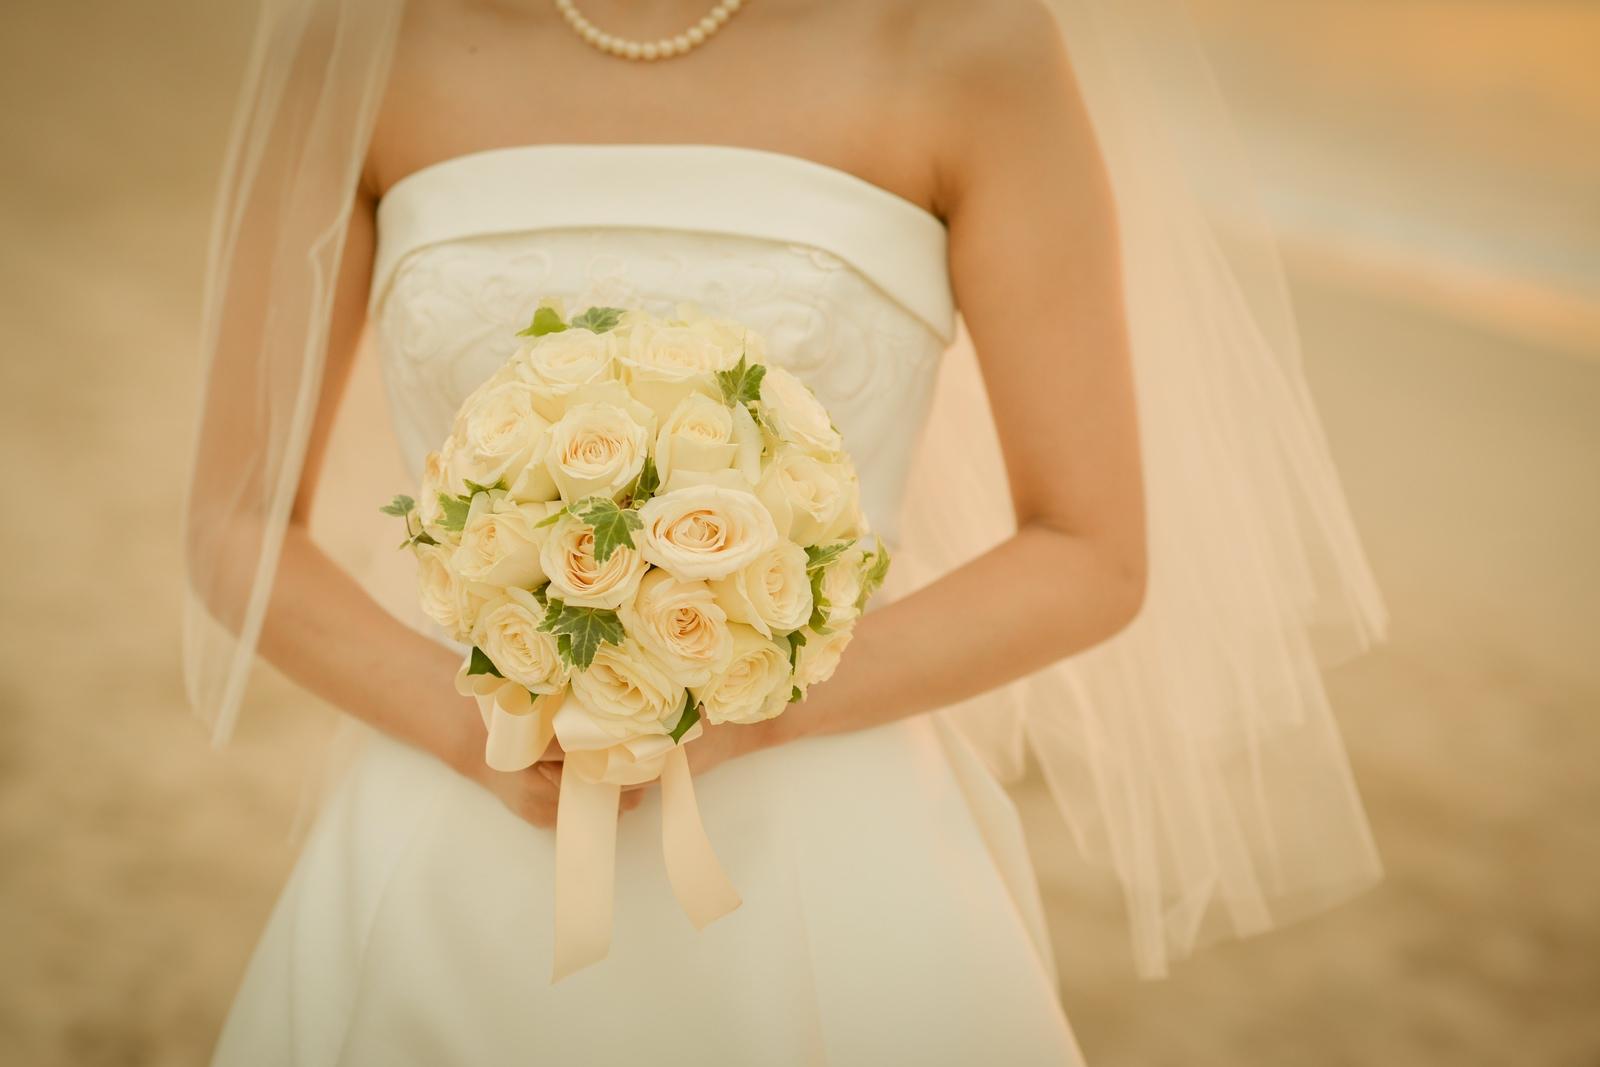 ホワイトローズ 花冠と合わせて